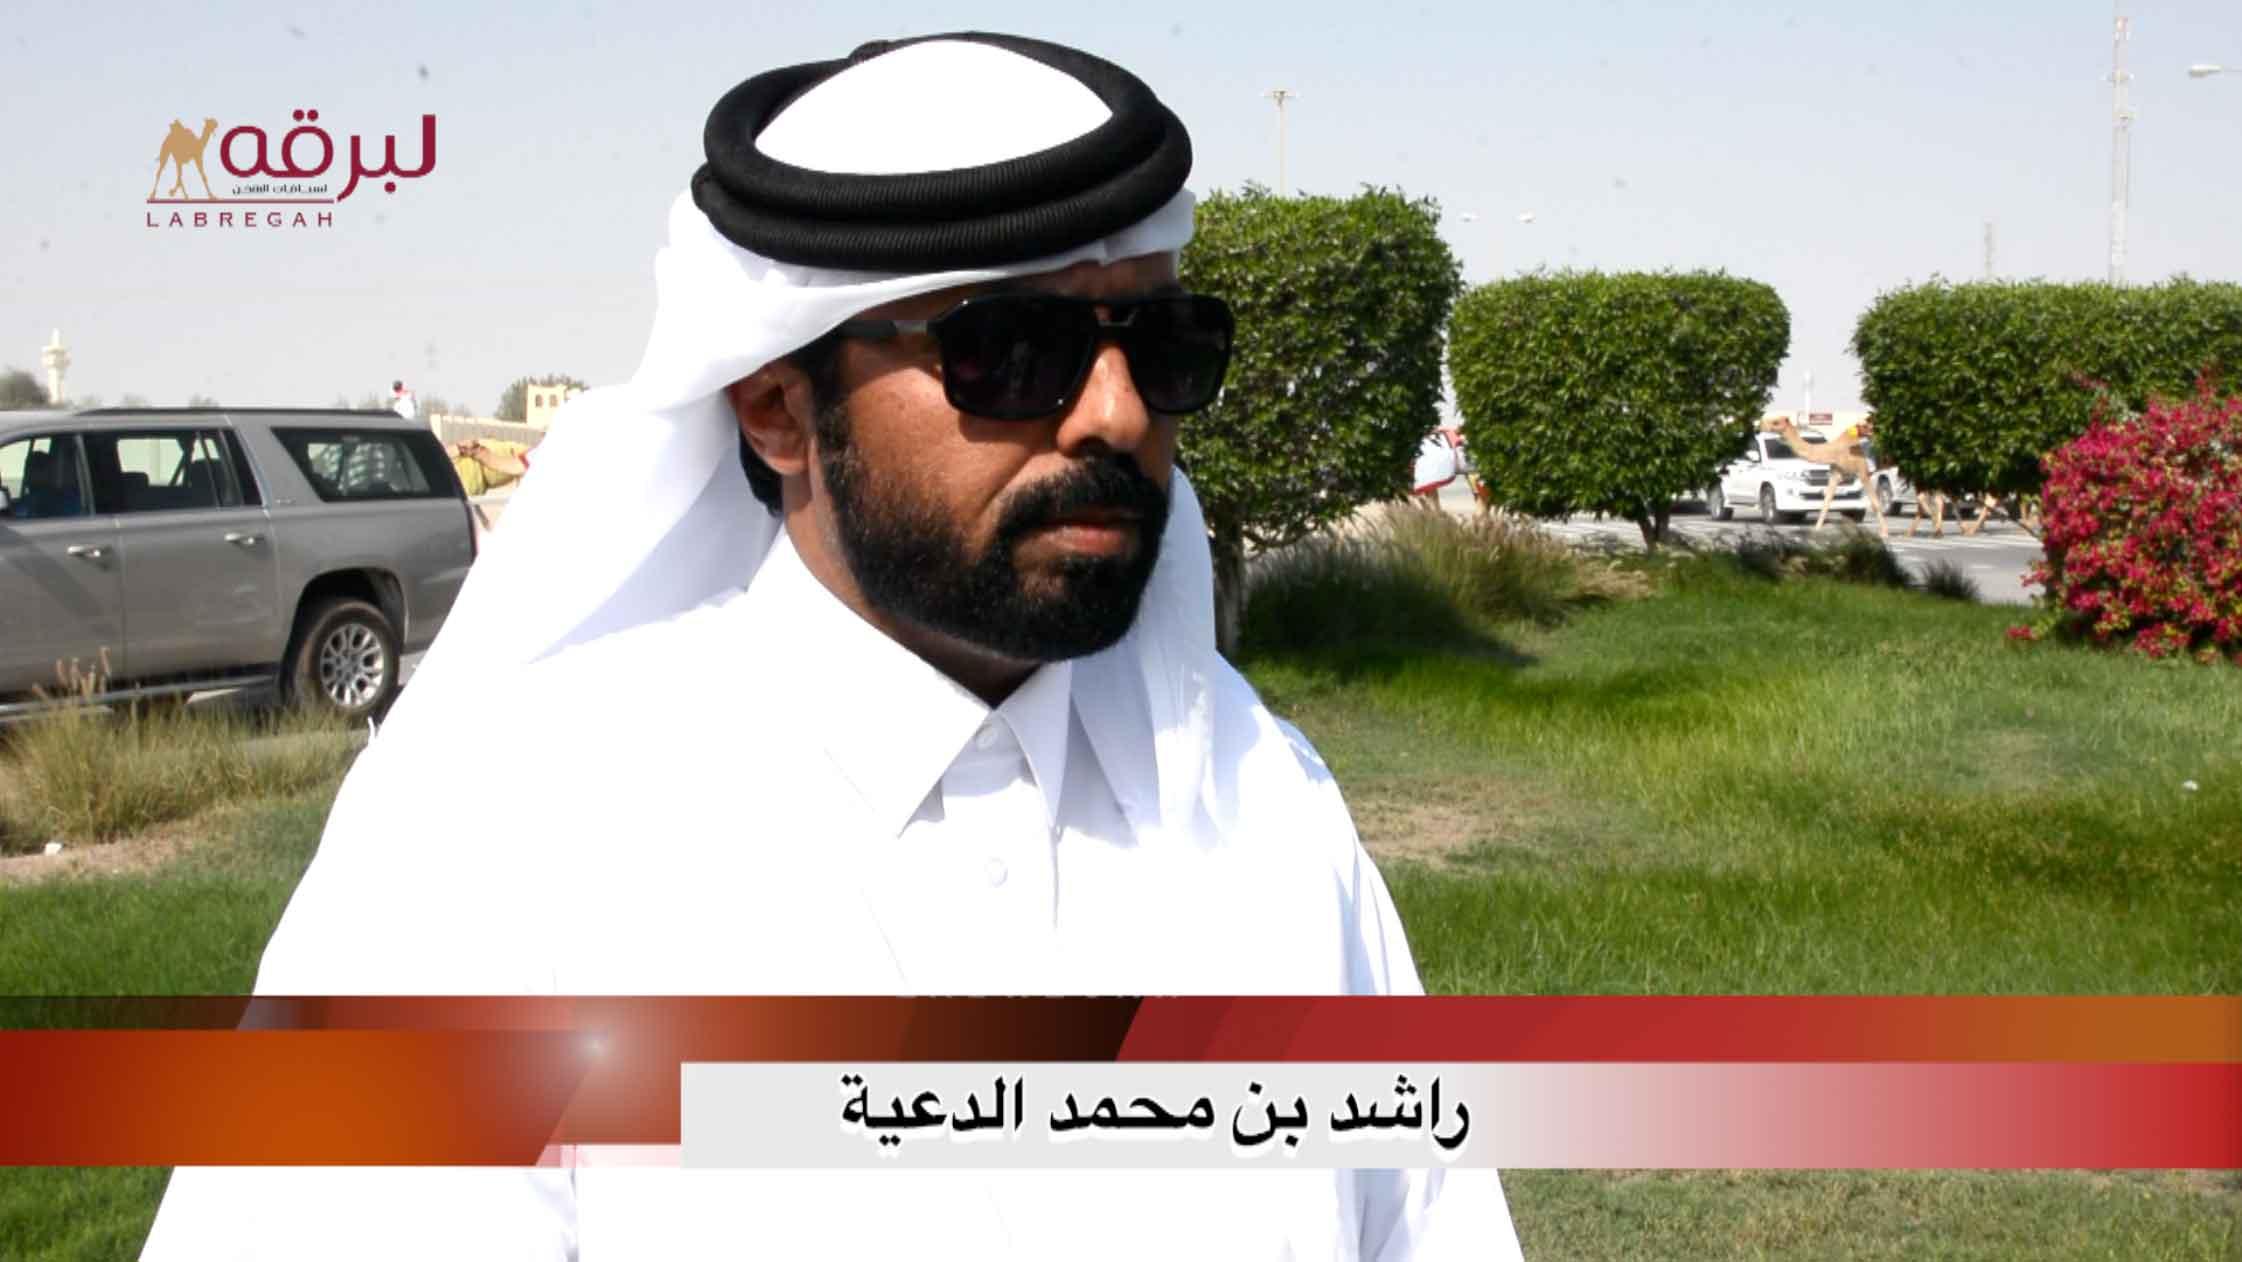 لقاء مع راشد بن محمد الدعية.. الشوط الرئيسي للزمول مفتوح بالأشواط العامة ١٤-١١-٢٠٢٠